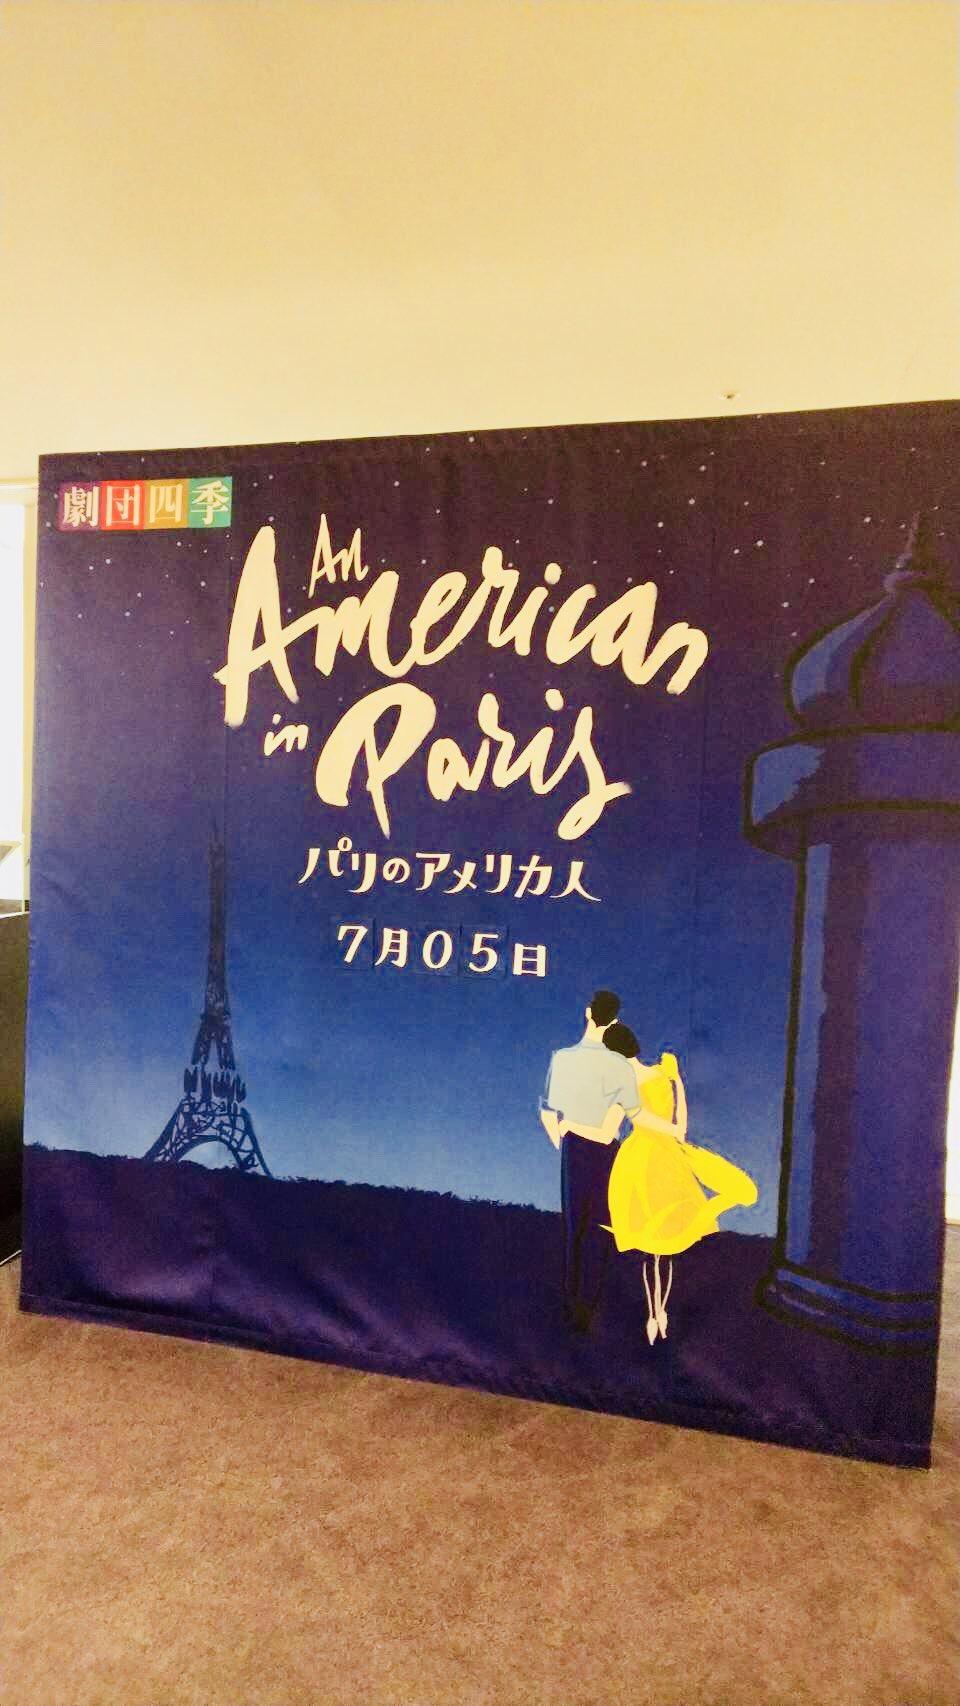 「パリのアメリカ人」劇団四季